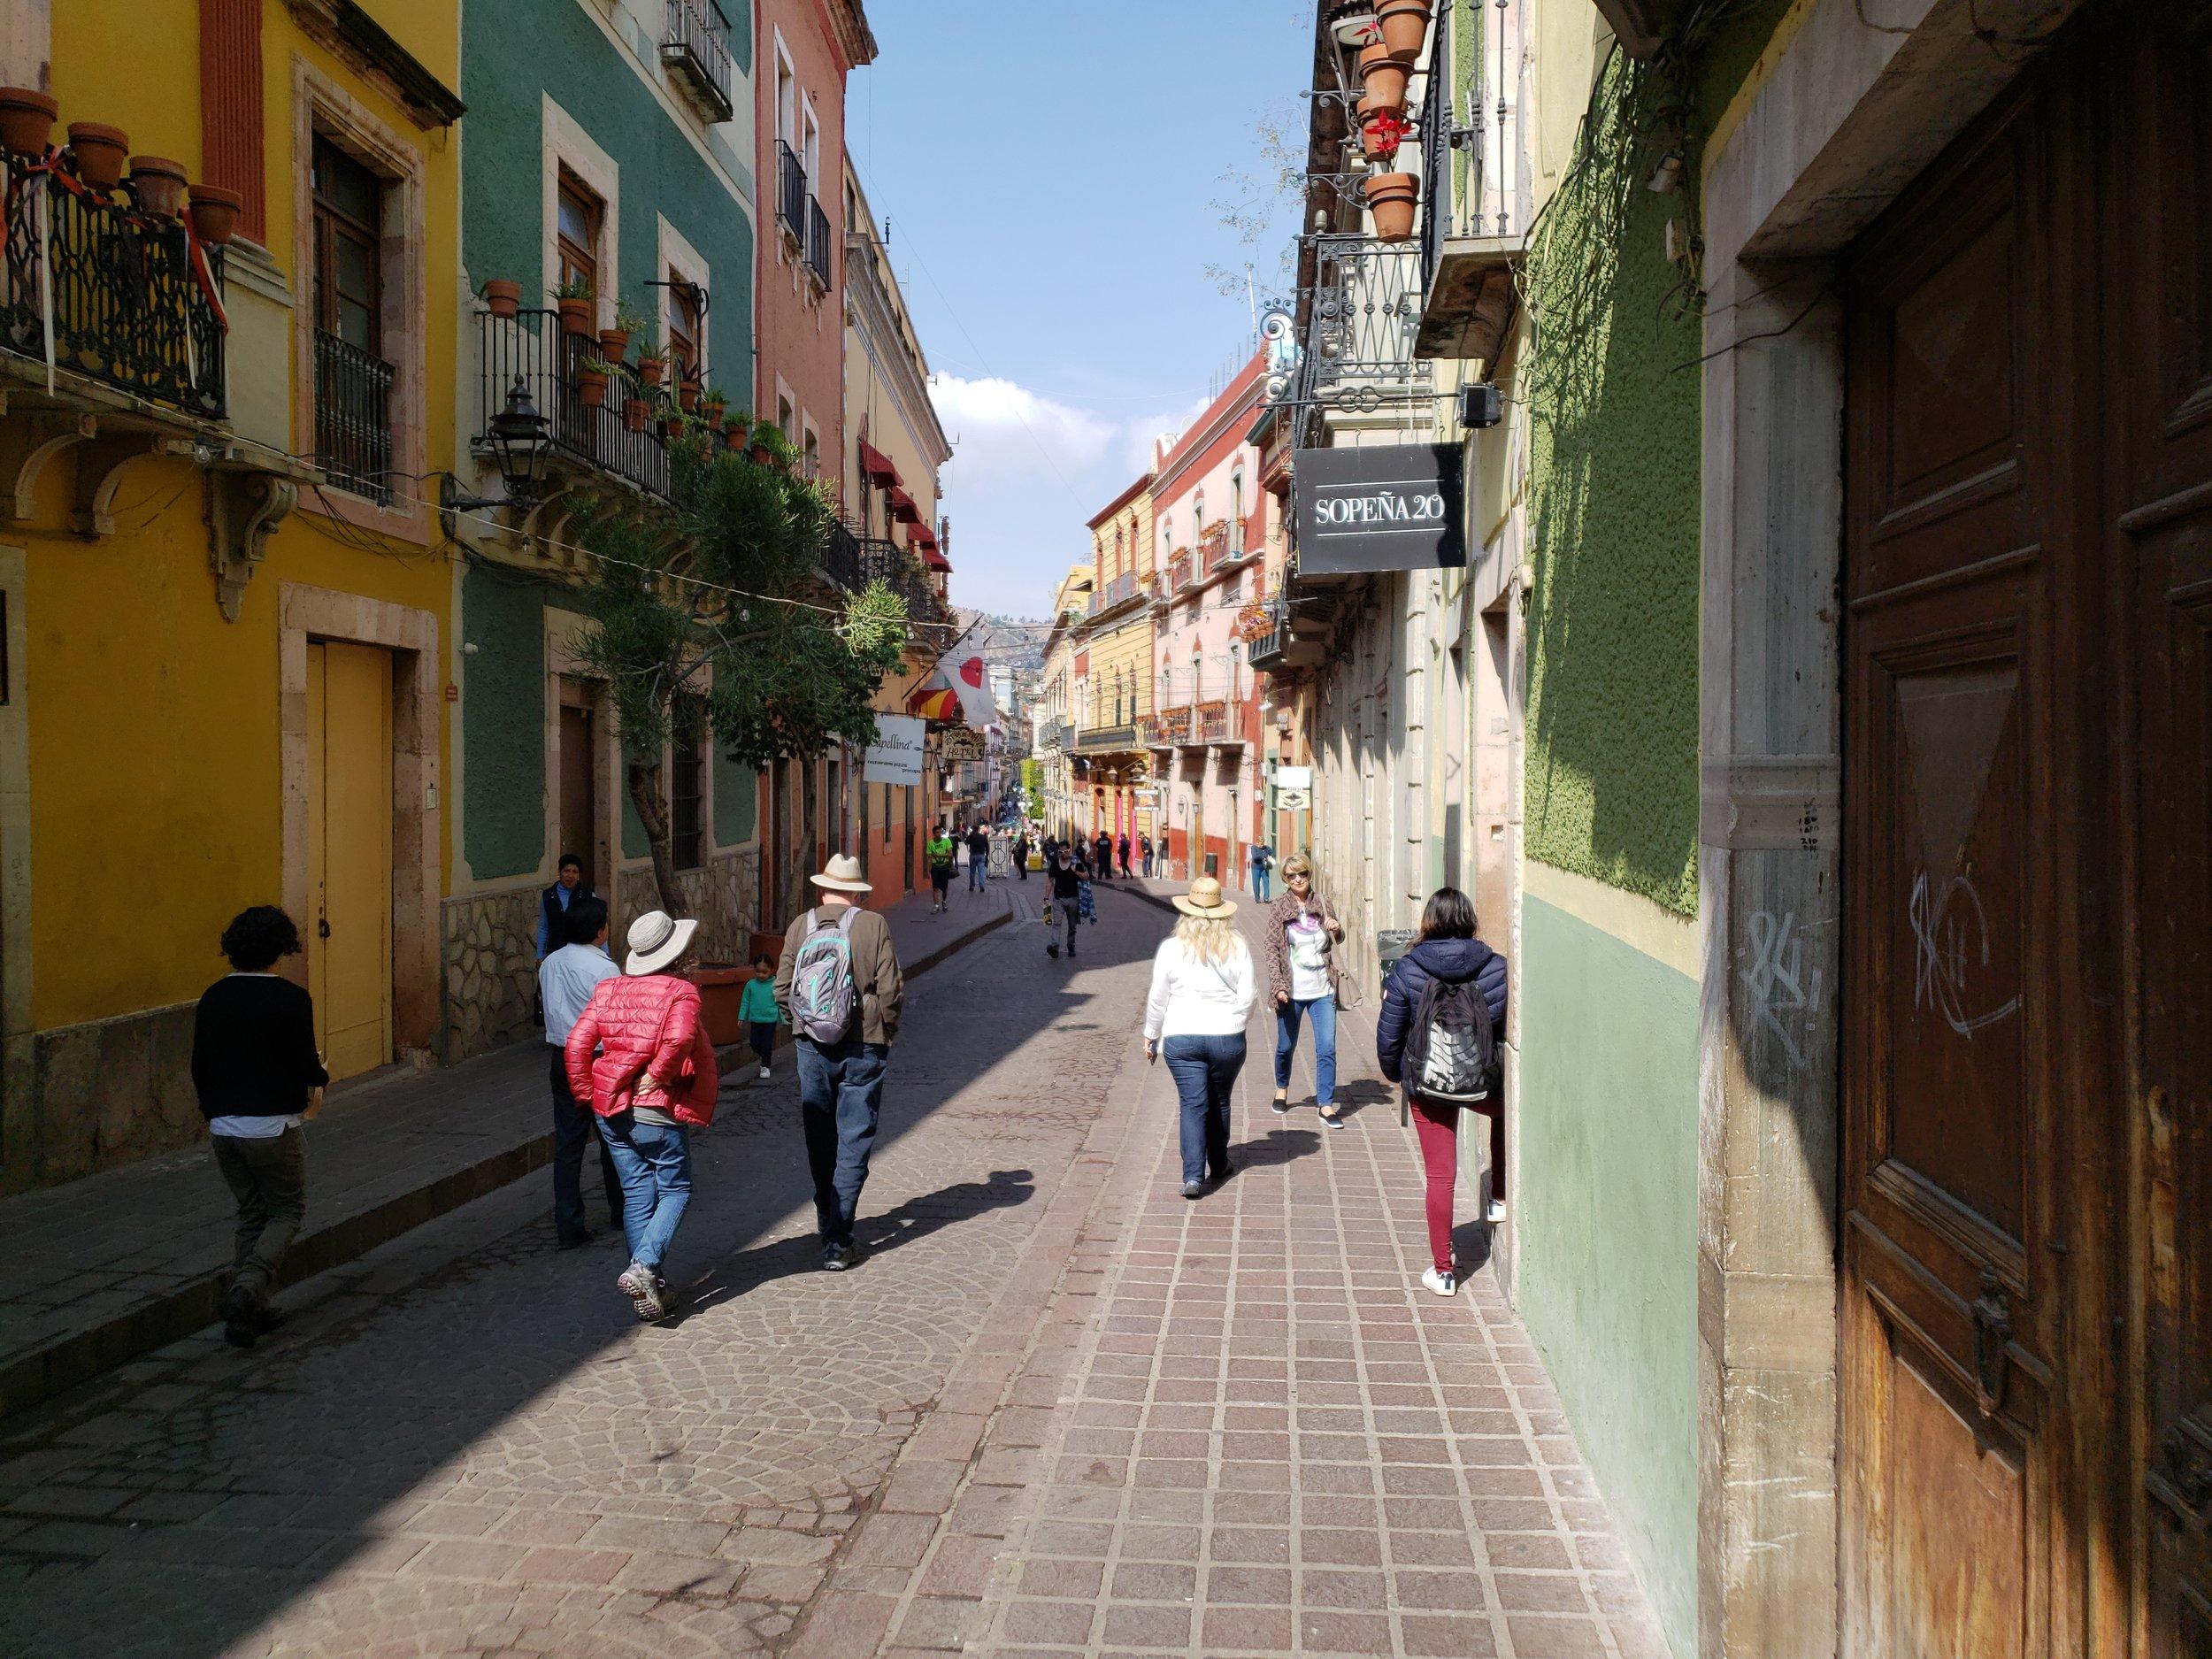 Street scene in Guanajuato